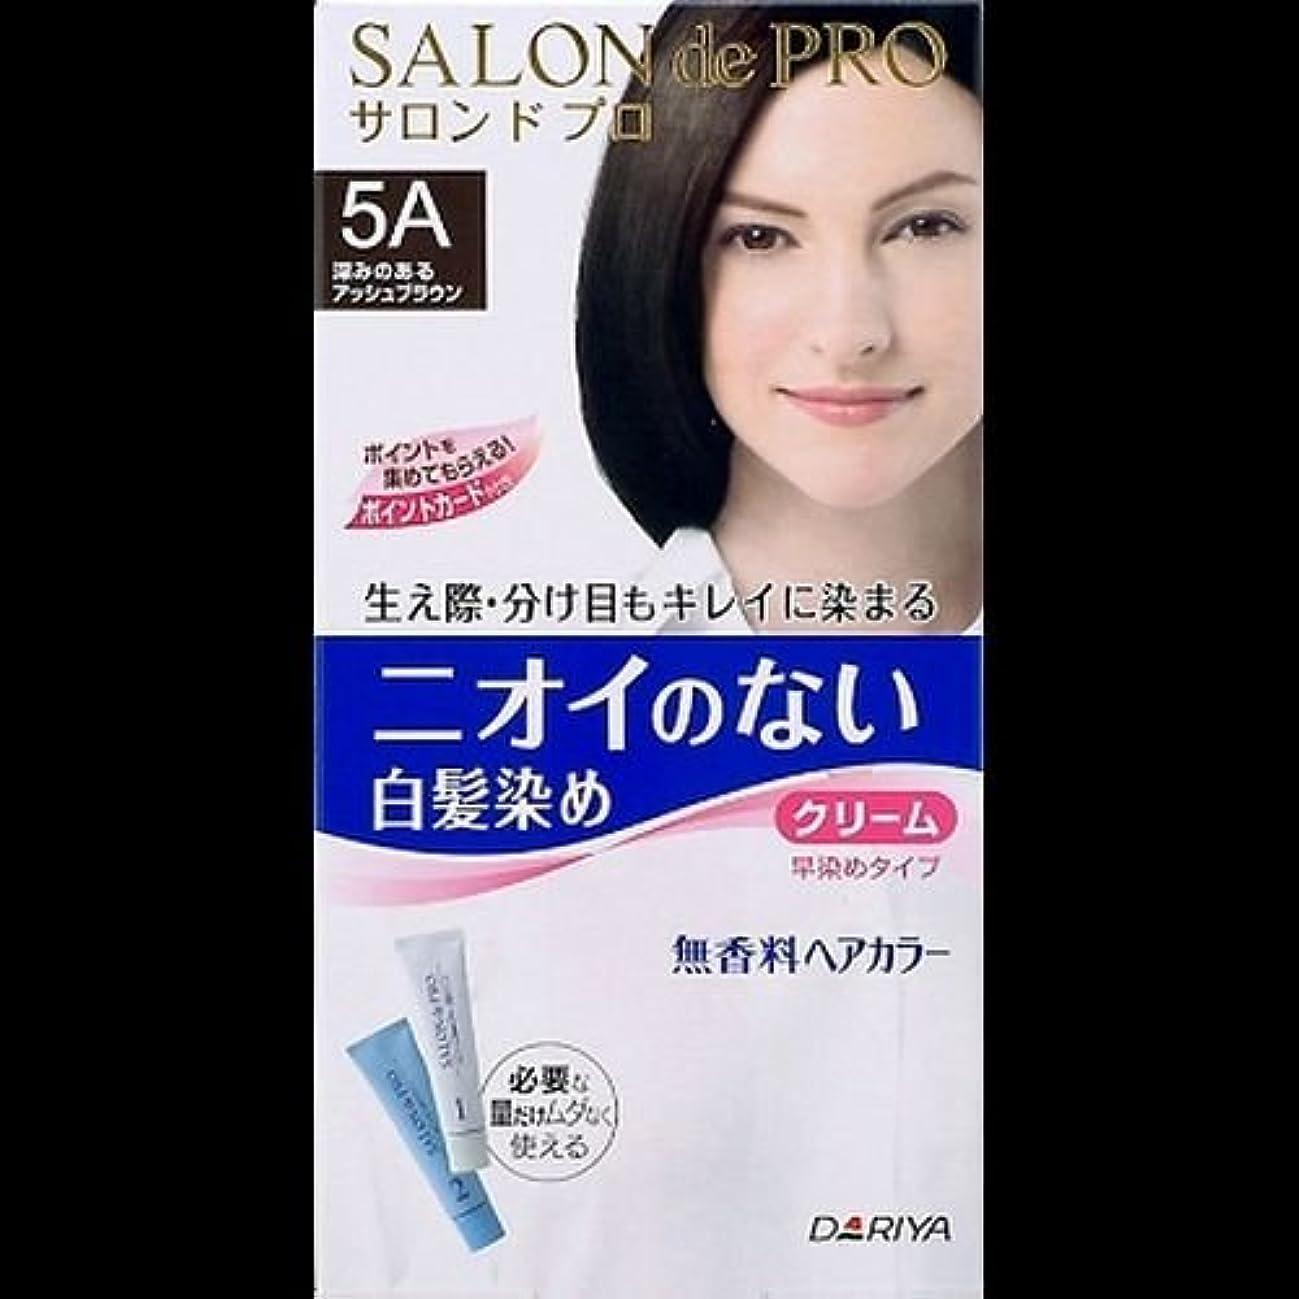 【まとめ買い】サロンドプロ 無香料ヘアカラー 早染めクリーム 5A 40g+40g ×2セット